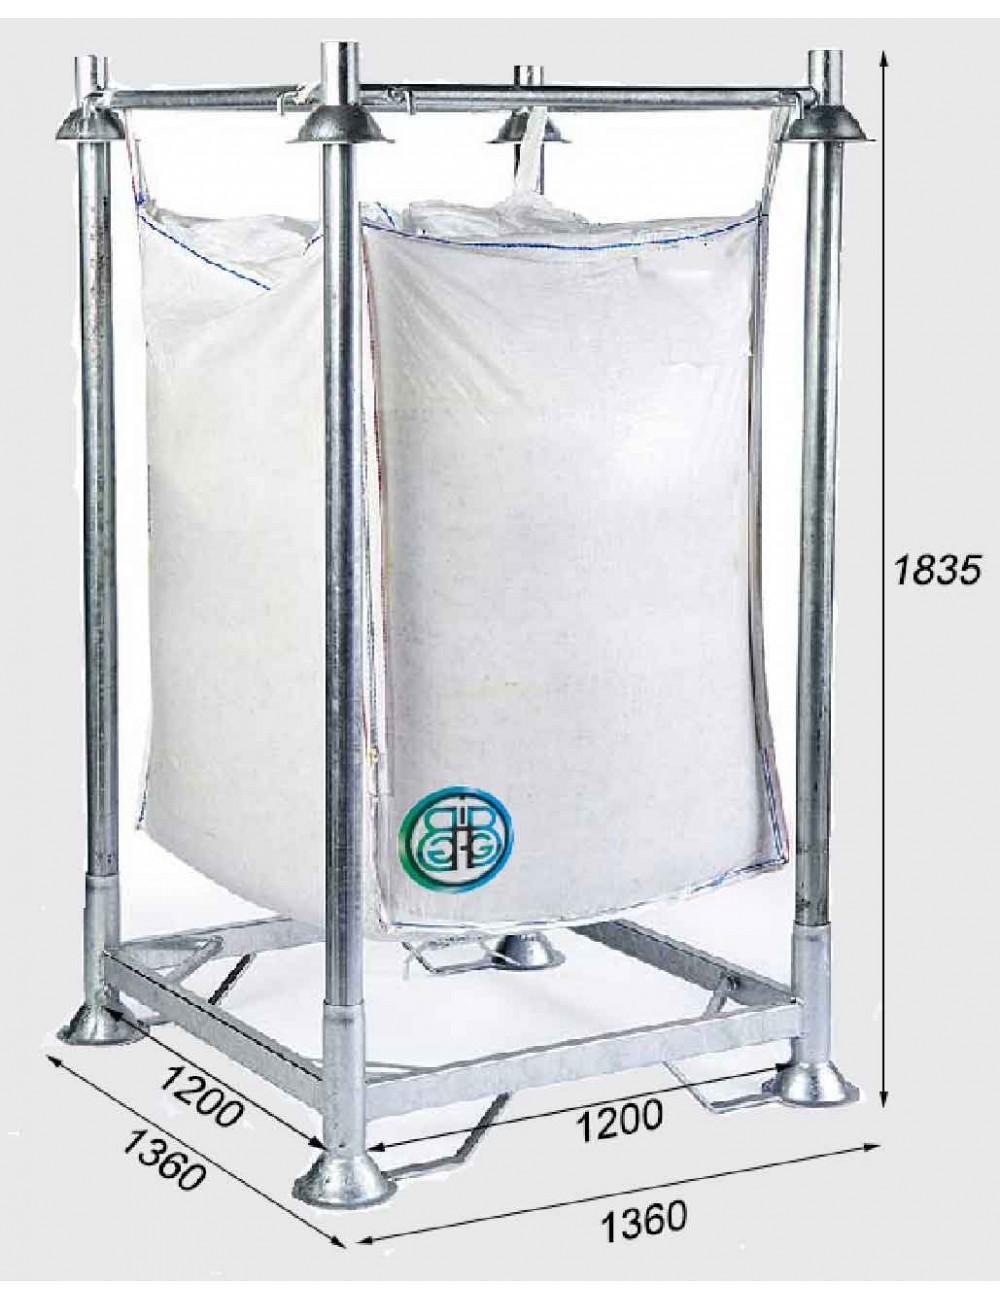 Structure support Renforcée pour Big Bag Hauteur 183,5 cm